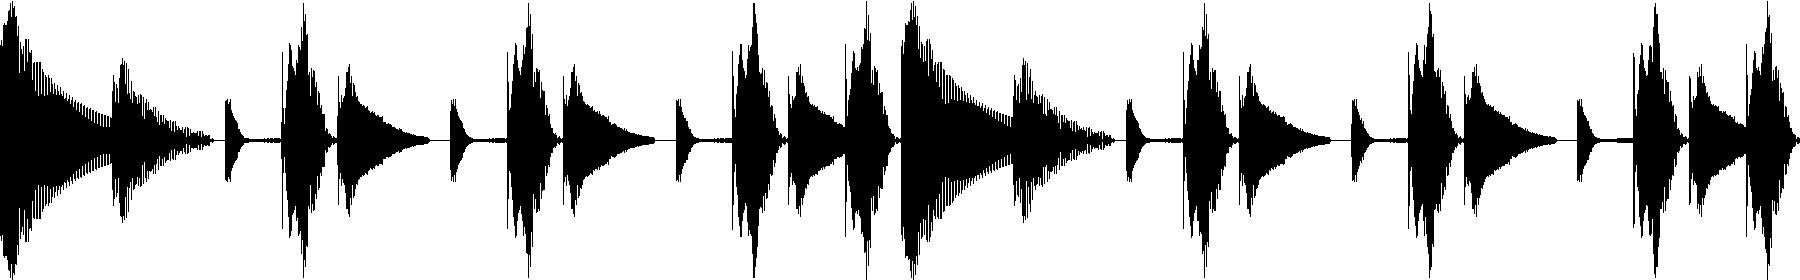 dnb beat loop